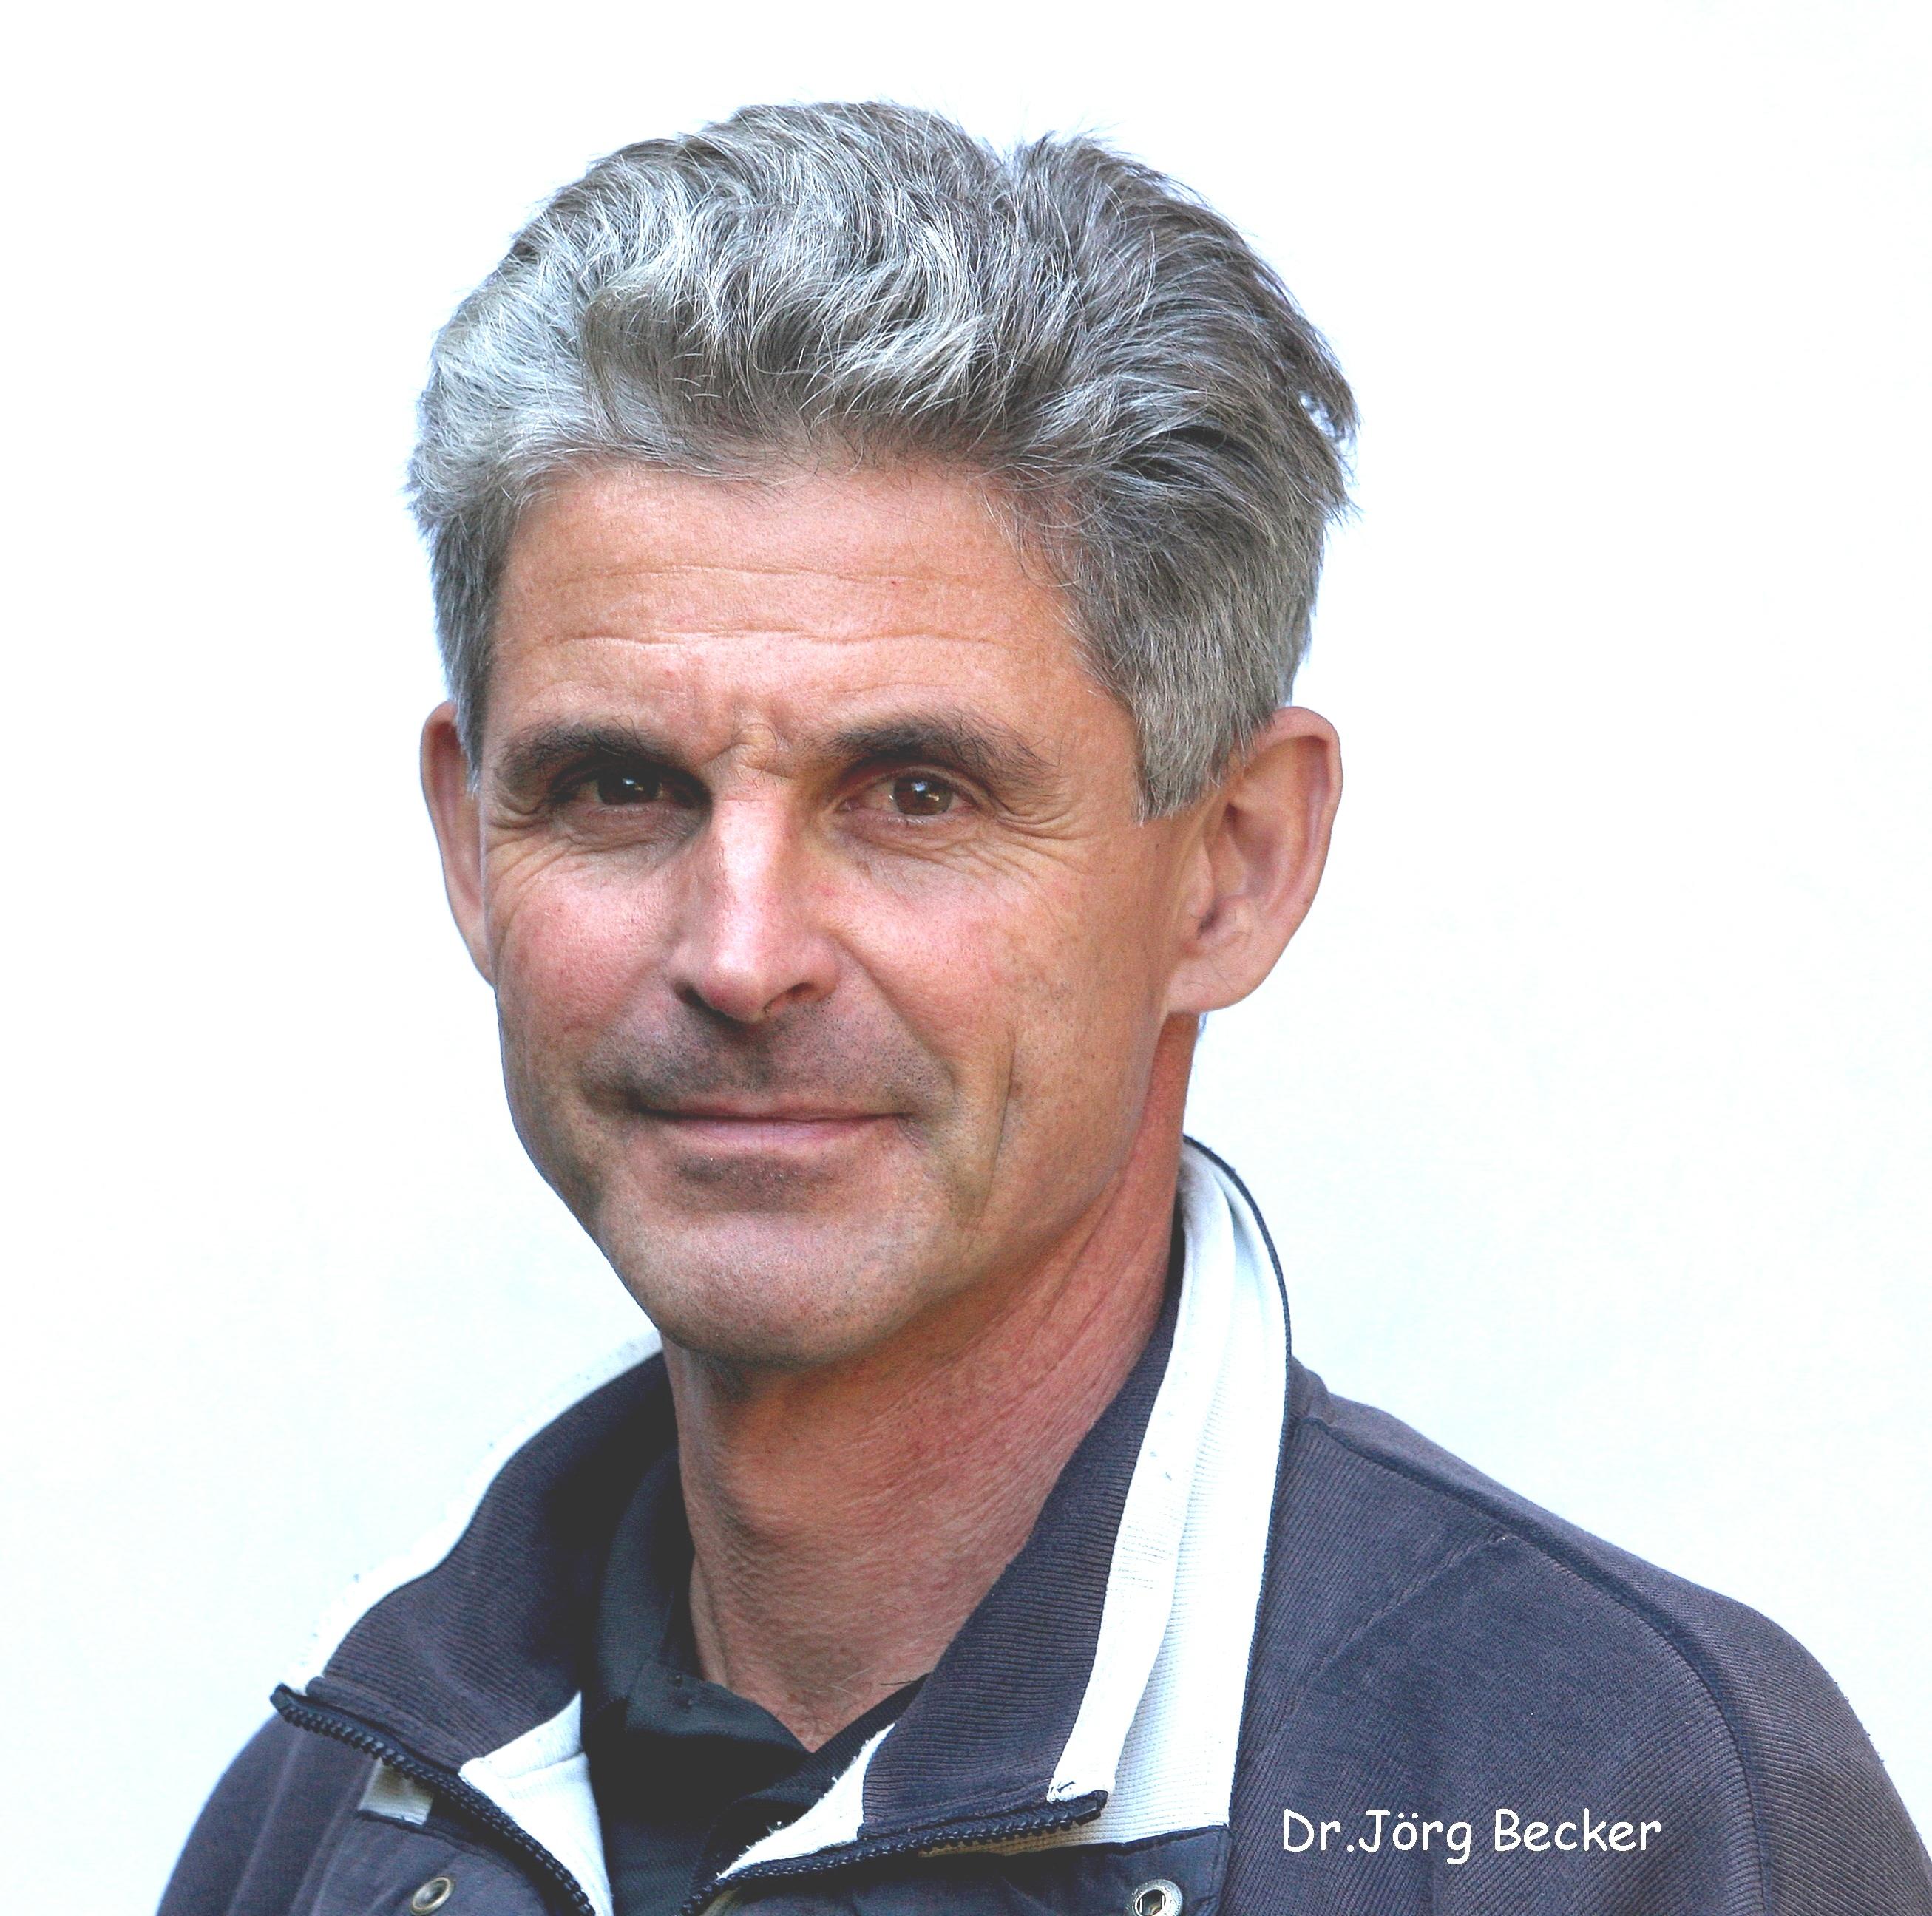 Dr. Jörg Becker